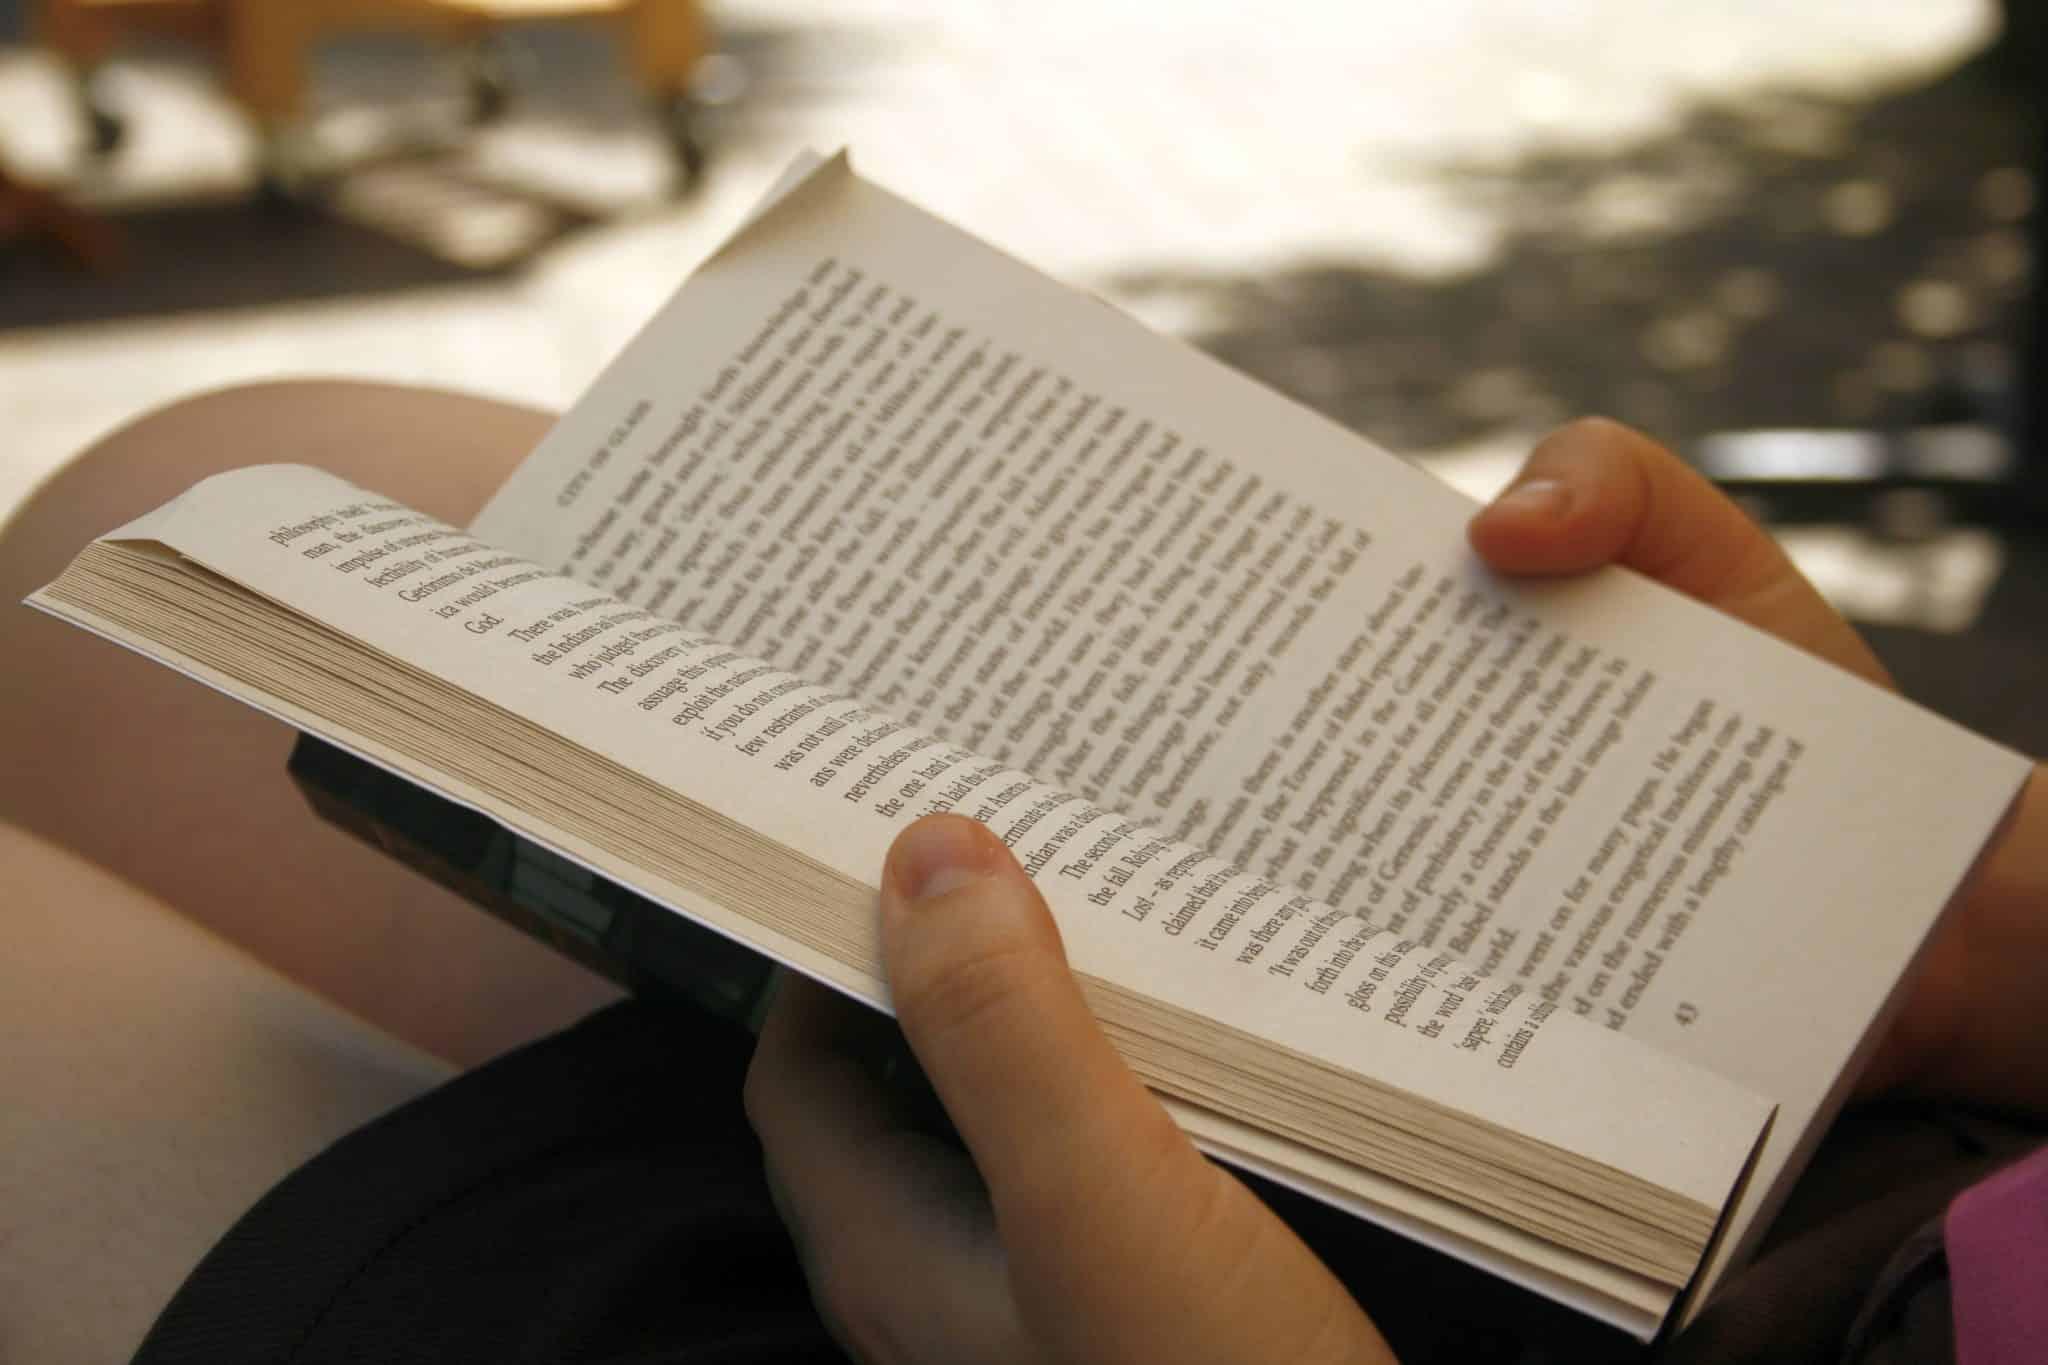 قصص باللغة الانجليزية , تعليم اللغة الانجليزية , كيفية تعلم اللغة الانجليزية , تعلم اللغة الانجليزية